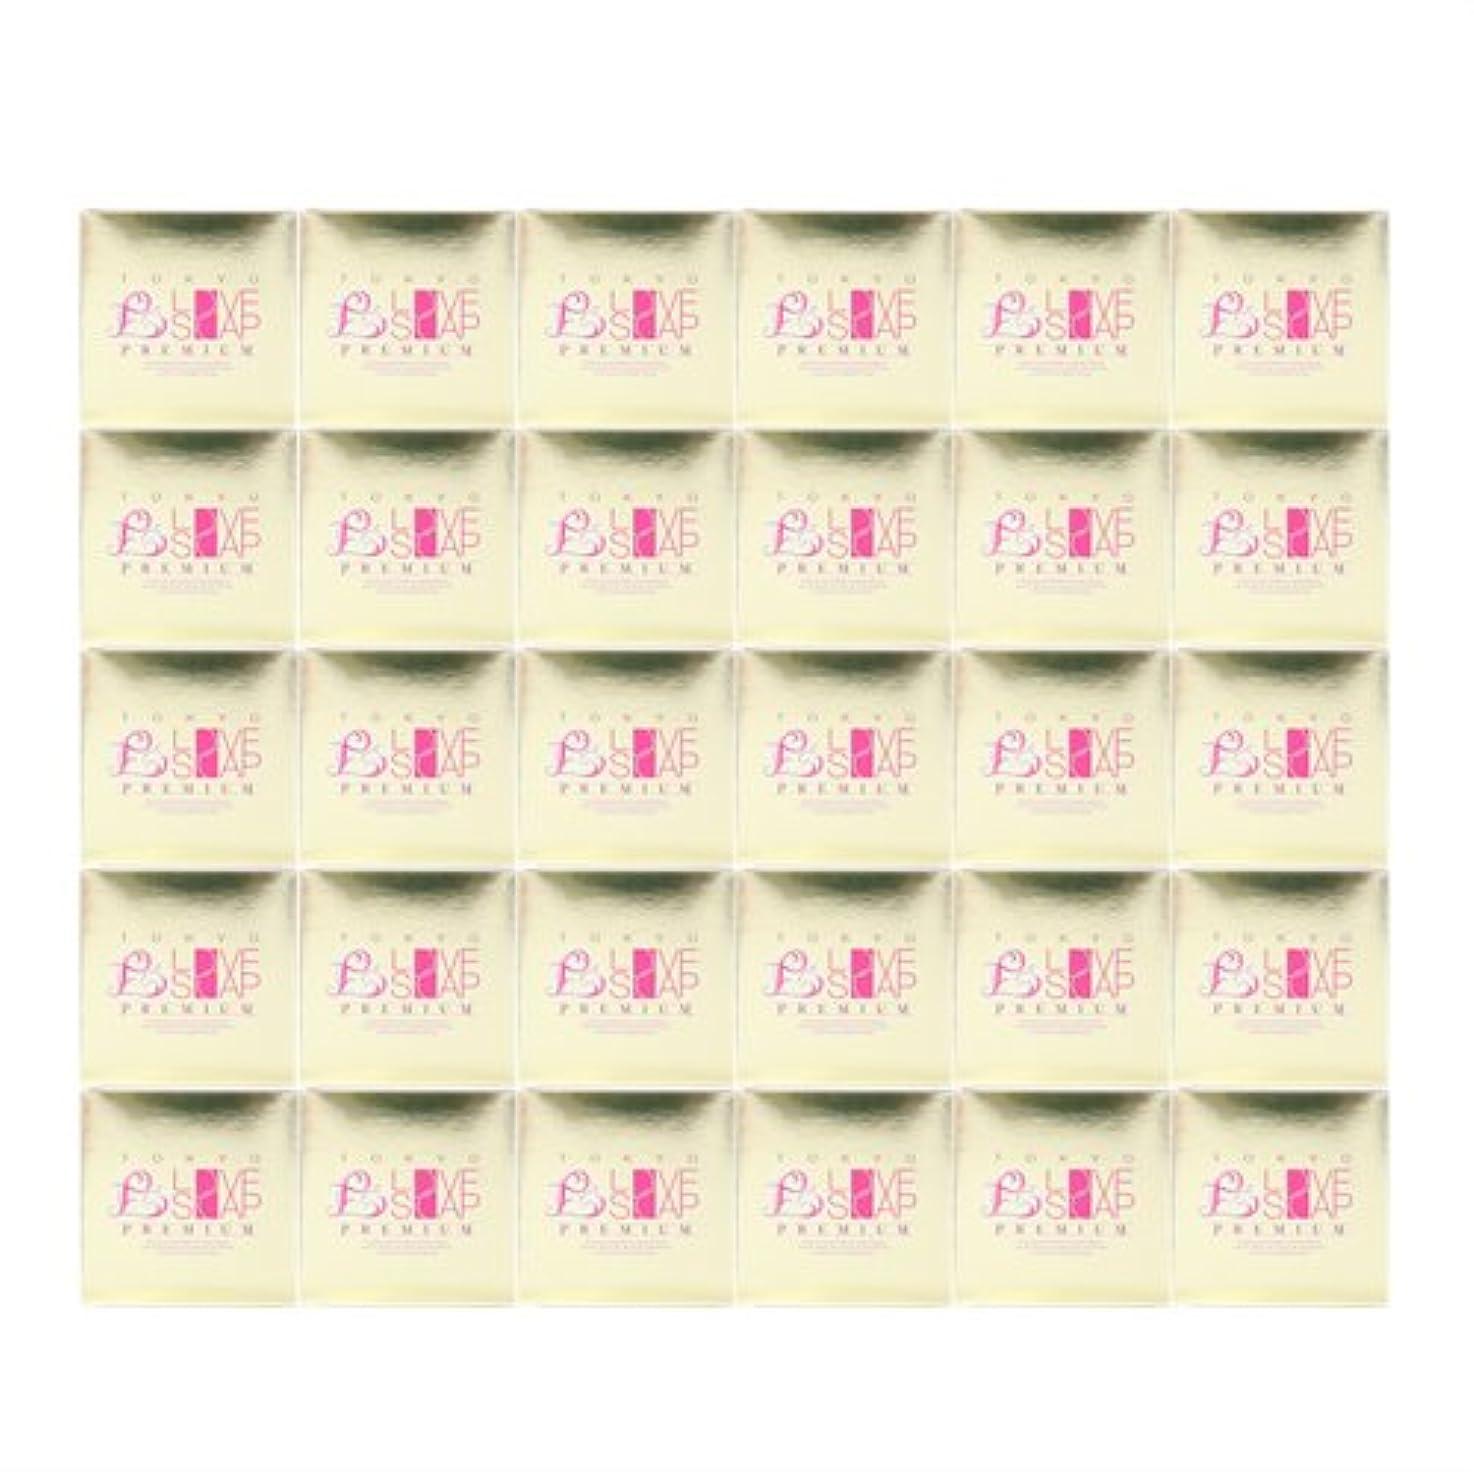 プラスチック交流する心から東京ラブソープ プレミアム (100g) x30個 セット